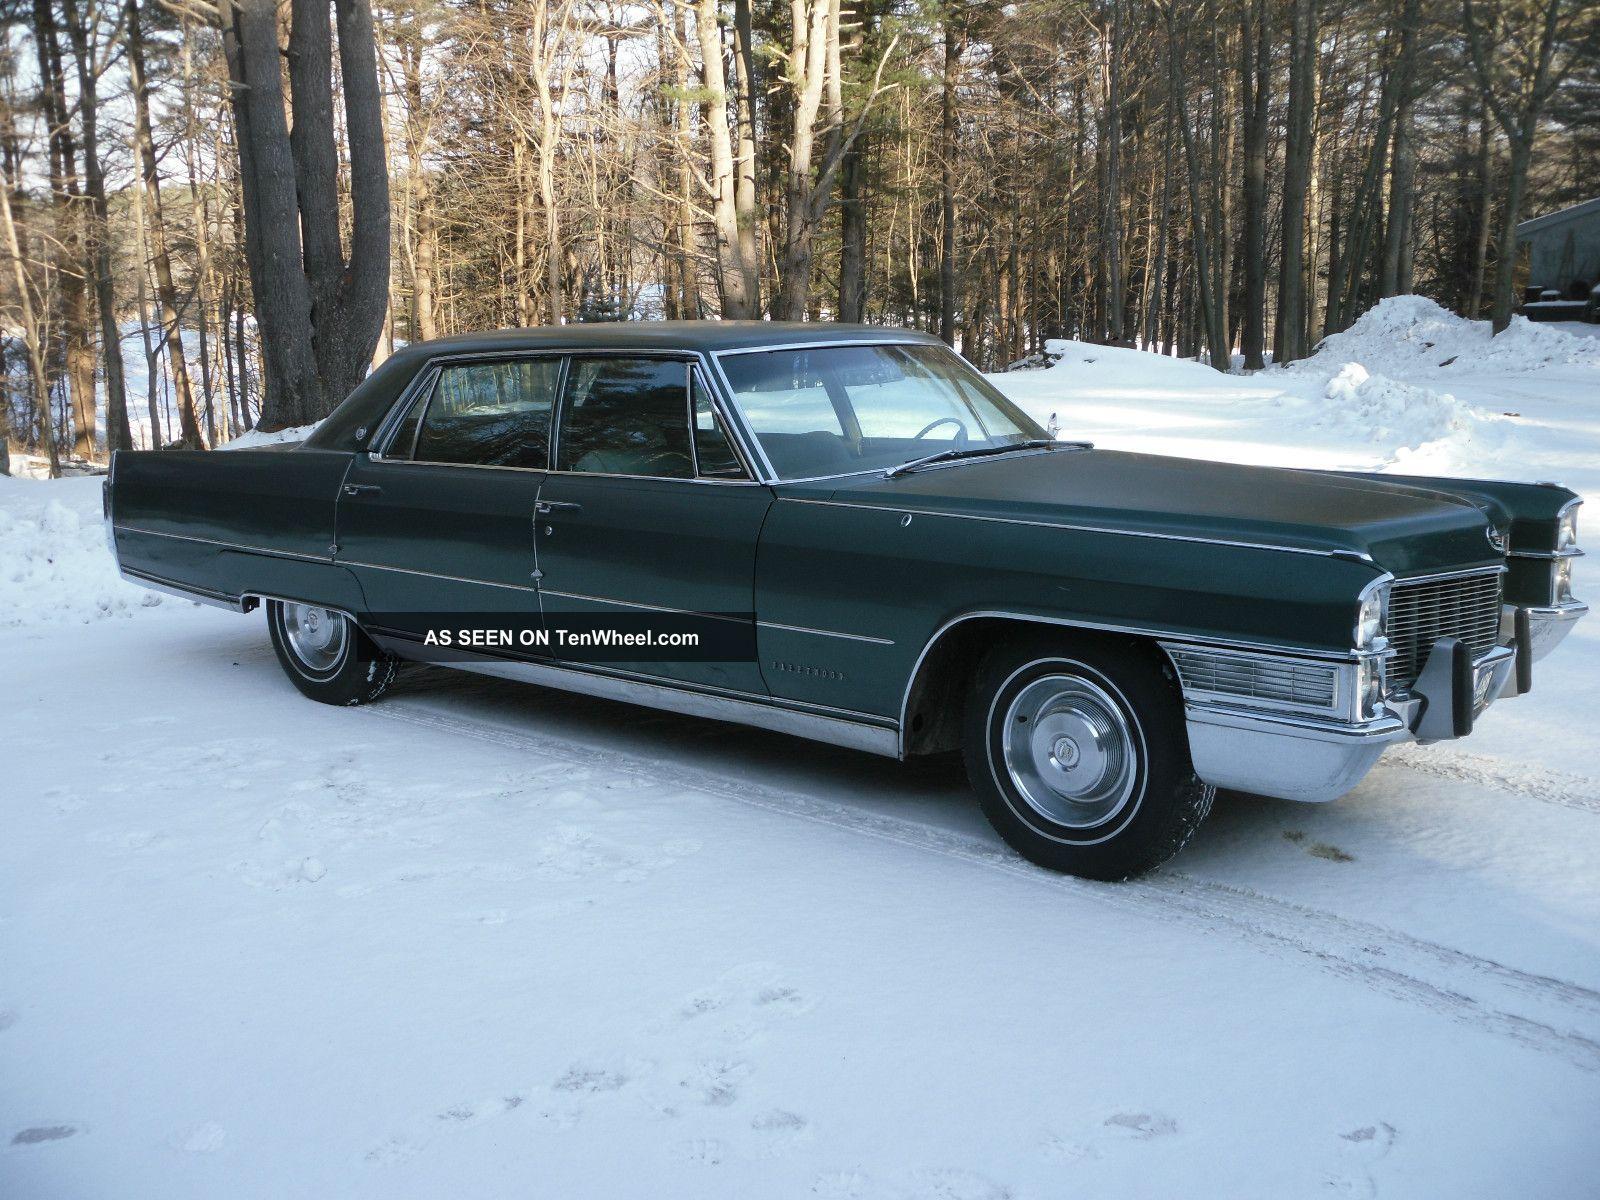 1965 Cadillac Fleetwood 60 Fleetwood photo